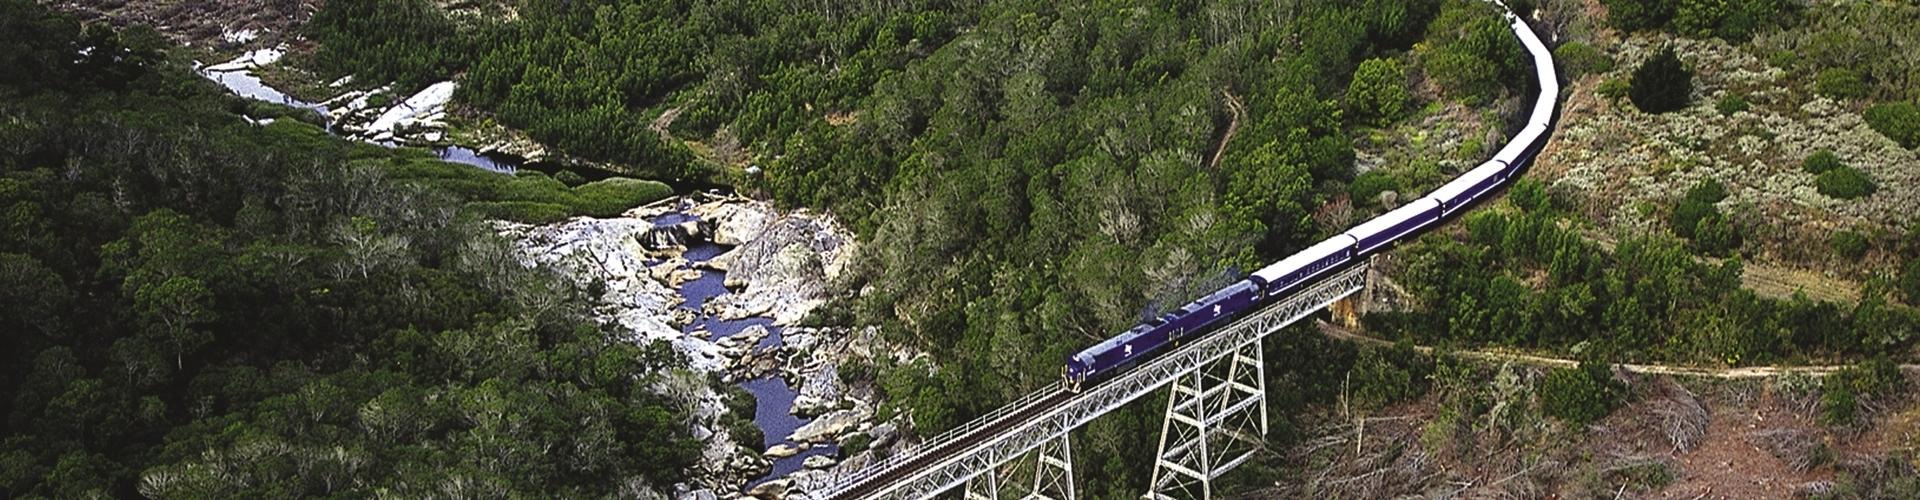 header-luxe-treinreizen-in-zuid-afrika-1920x500-1-1920x500-1.jpg